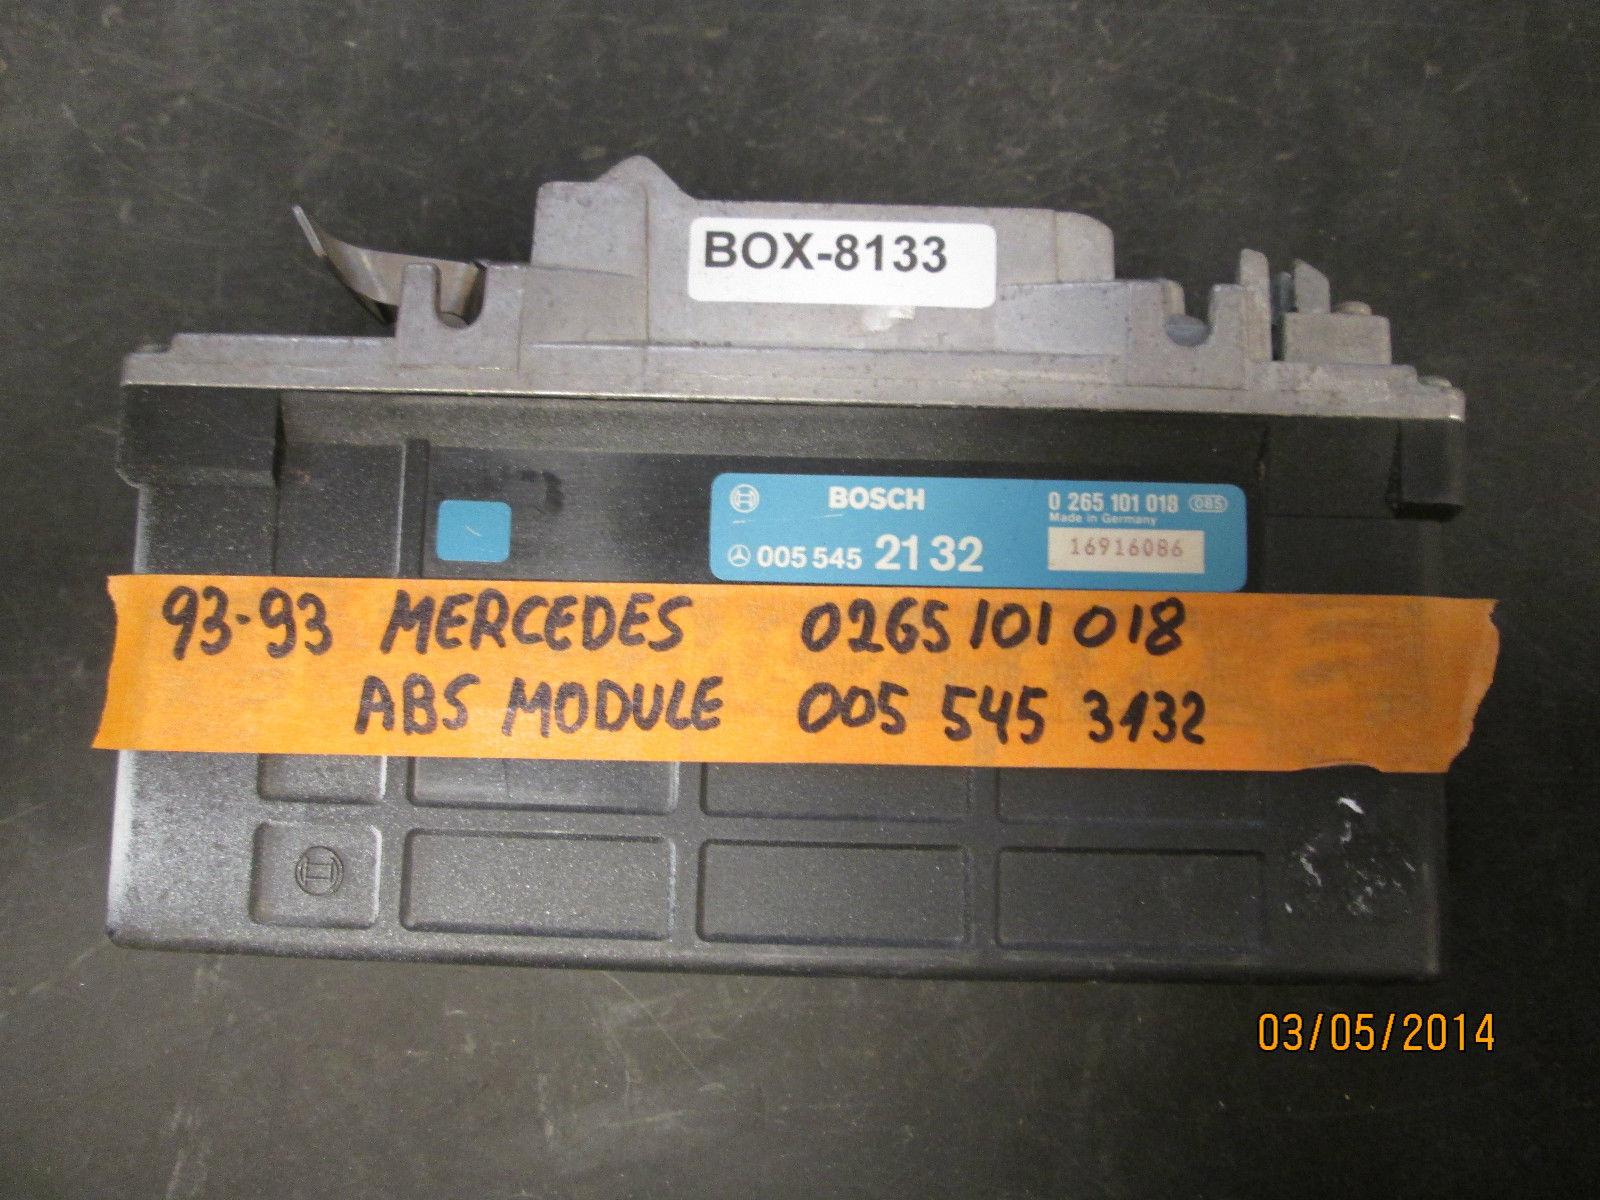 92 93 MERCEDES ABS MODULE #0055452132/0265101018 *see item description* - $14.84